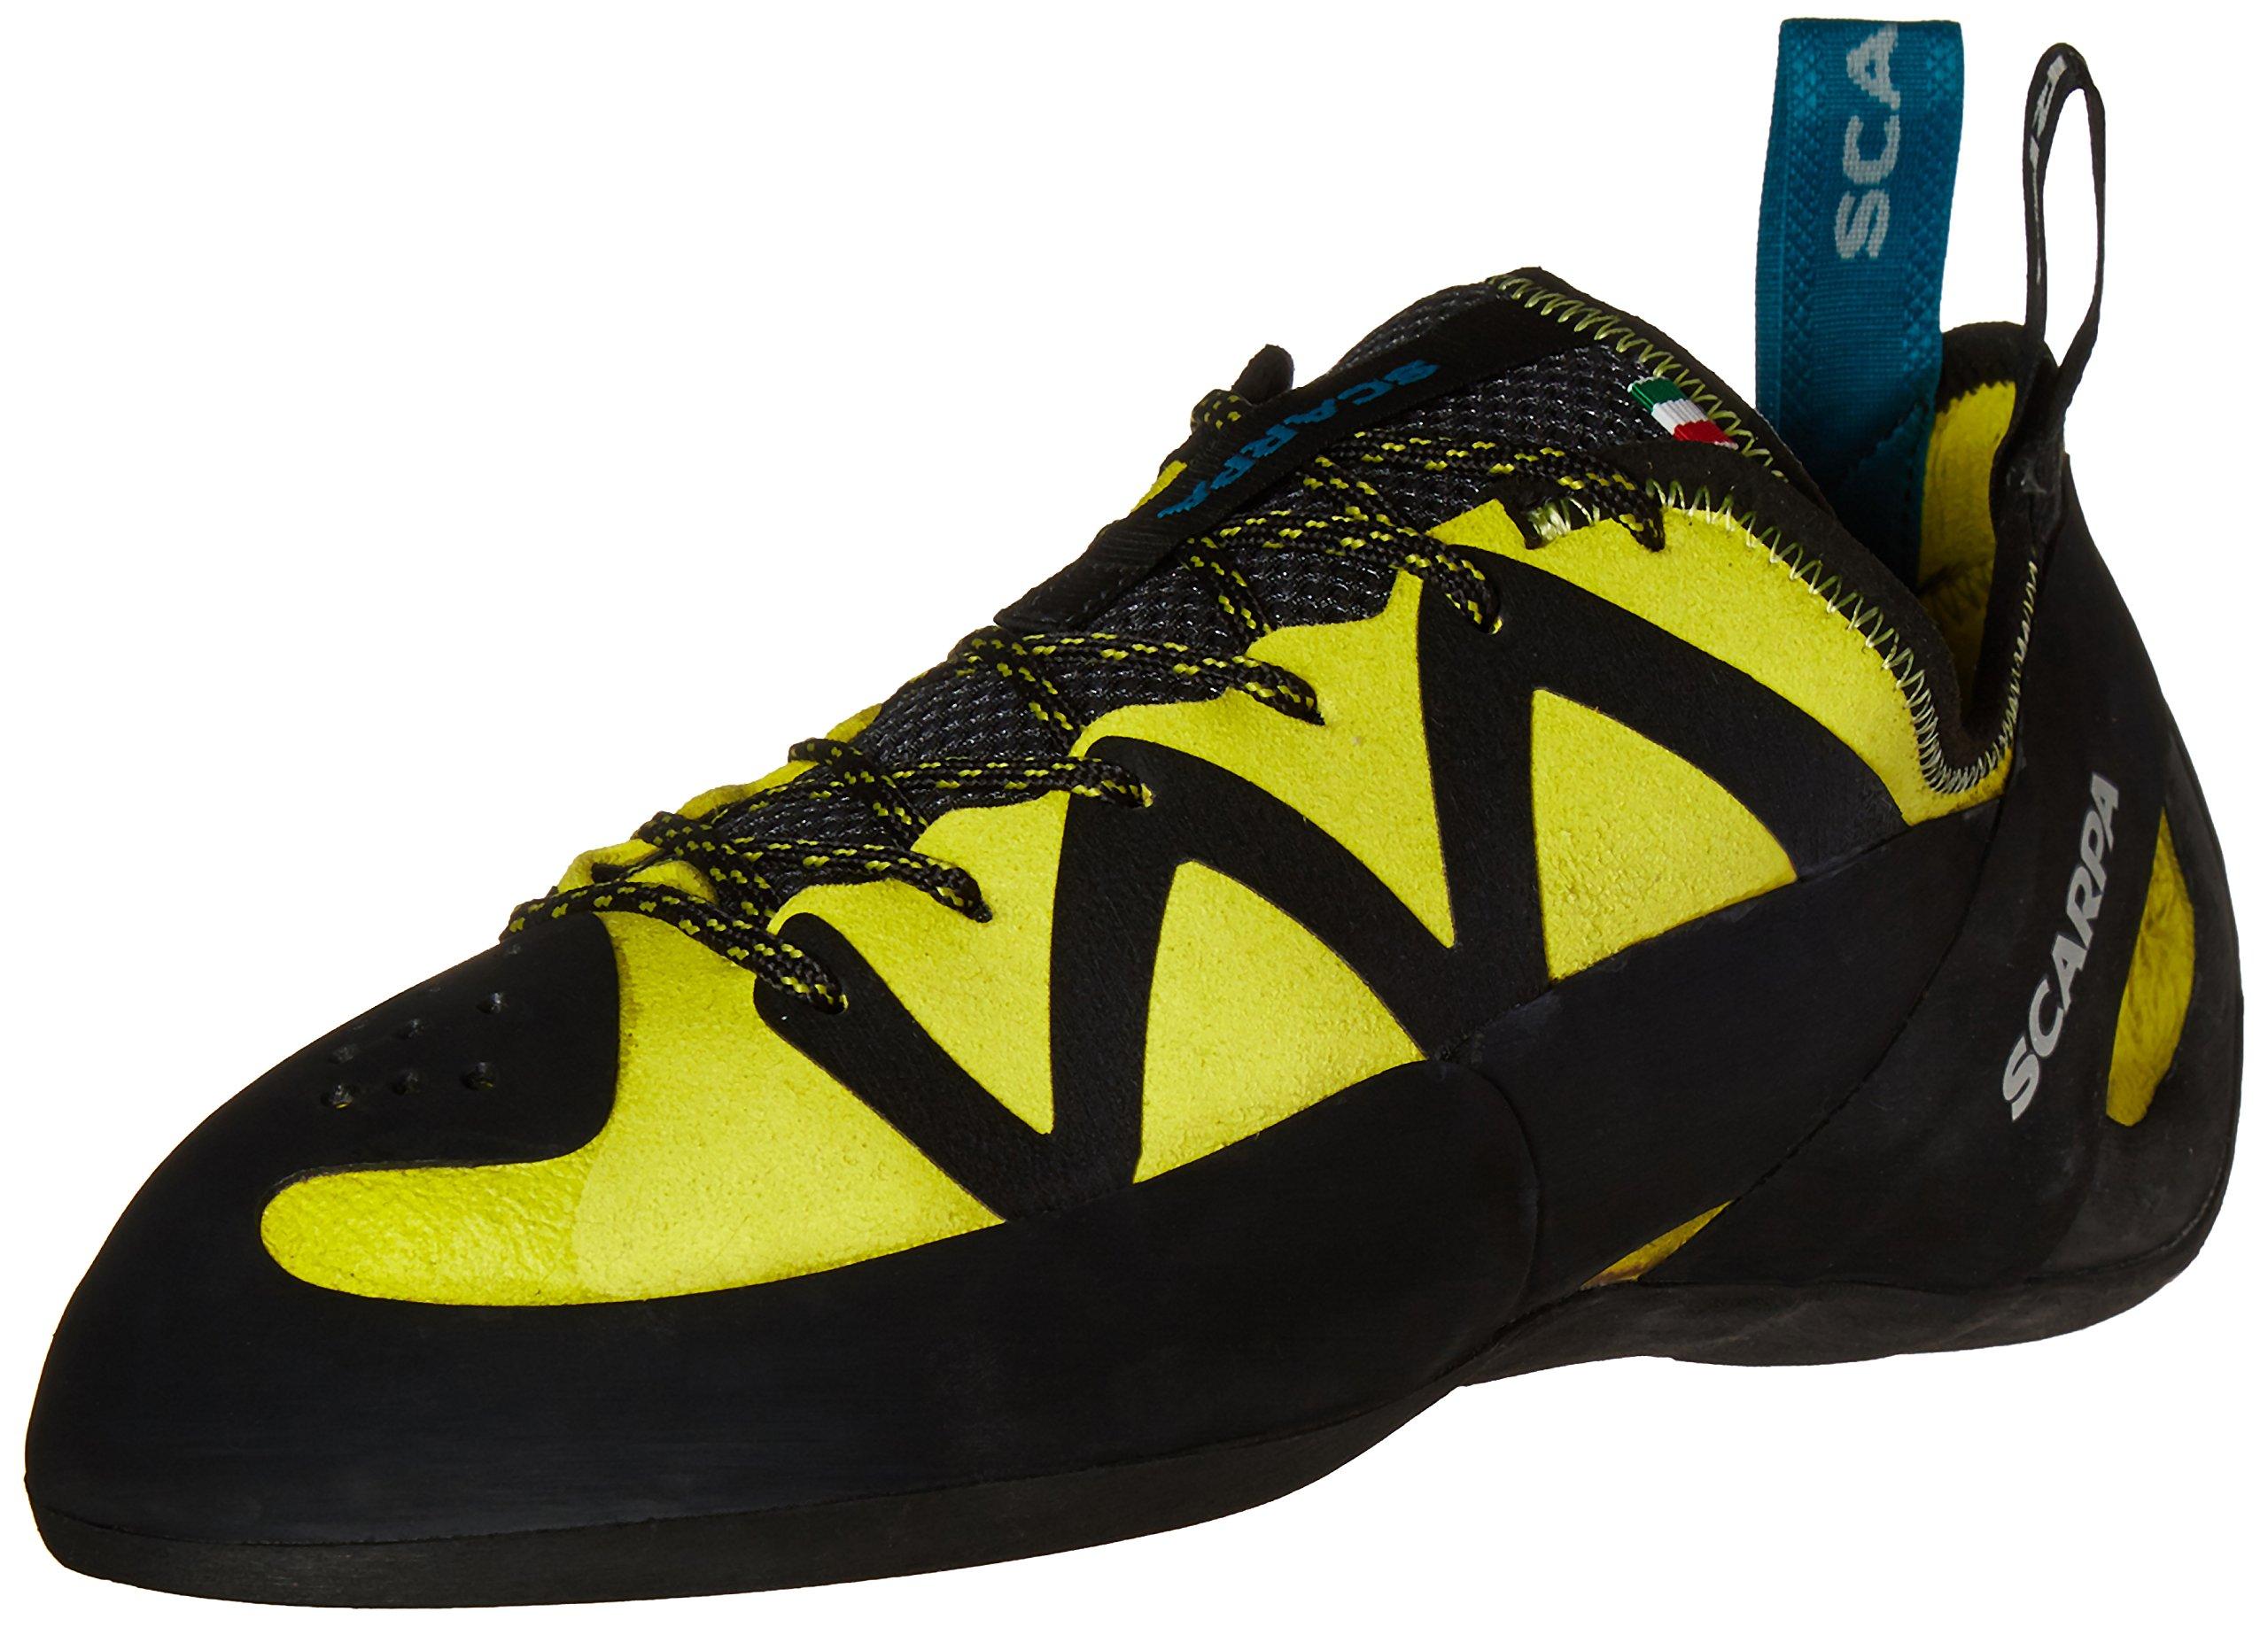 Scarpa Men's Vapor Climbing Shoe, Yellow, 44 EU/10.5 M US